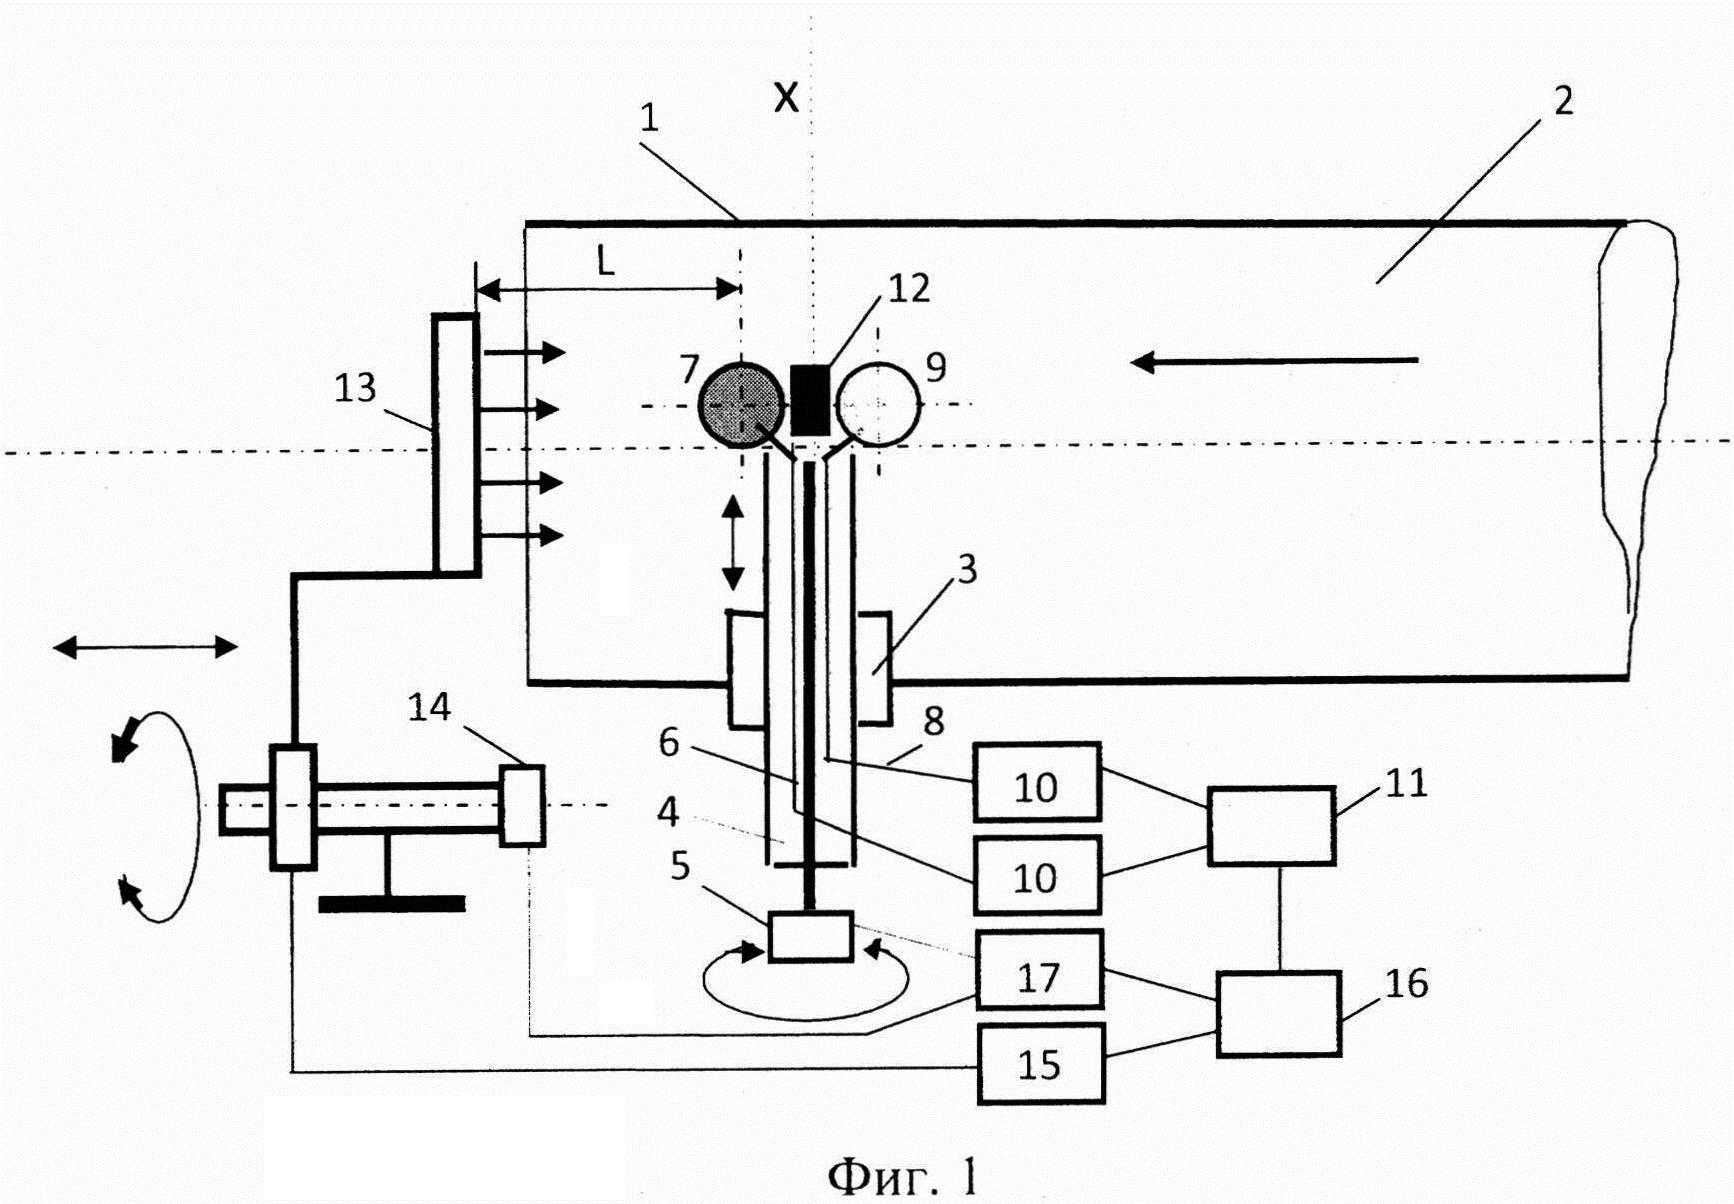 Устройство для определения температуры газа в полых высокотемпературных элементах газотурбинных двигателей